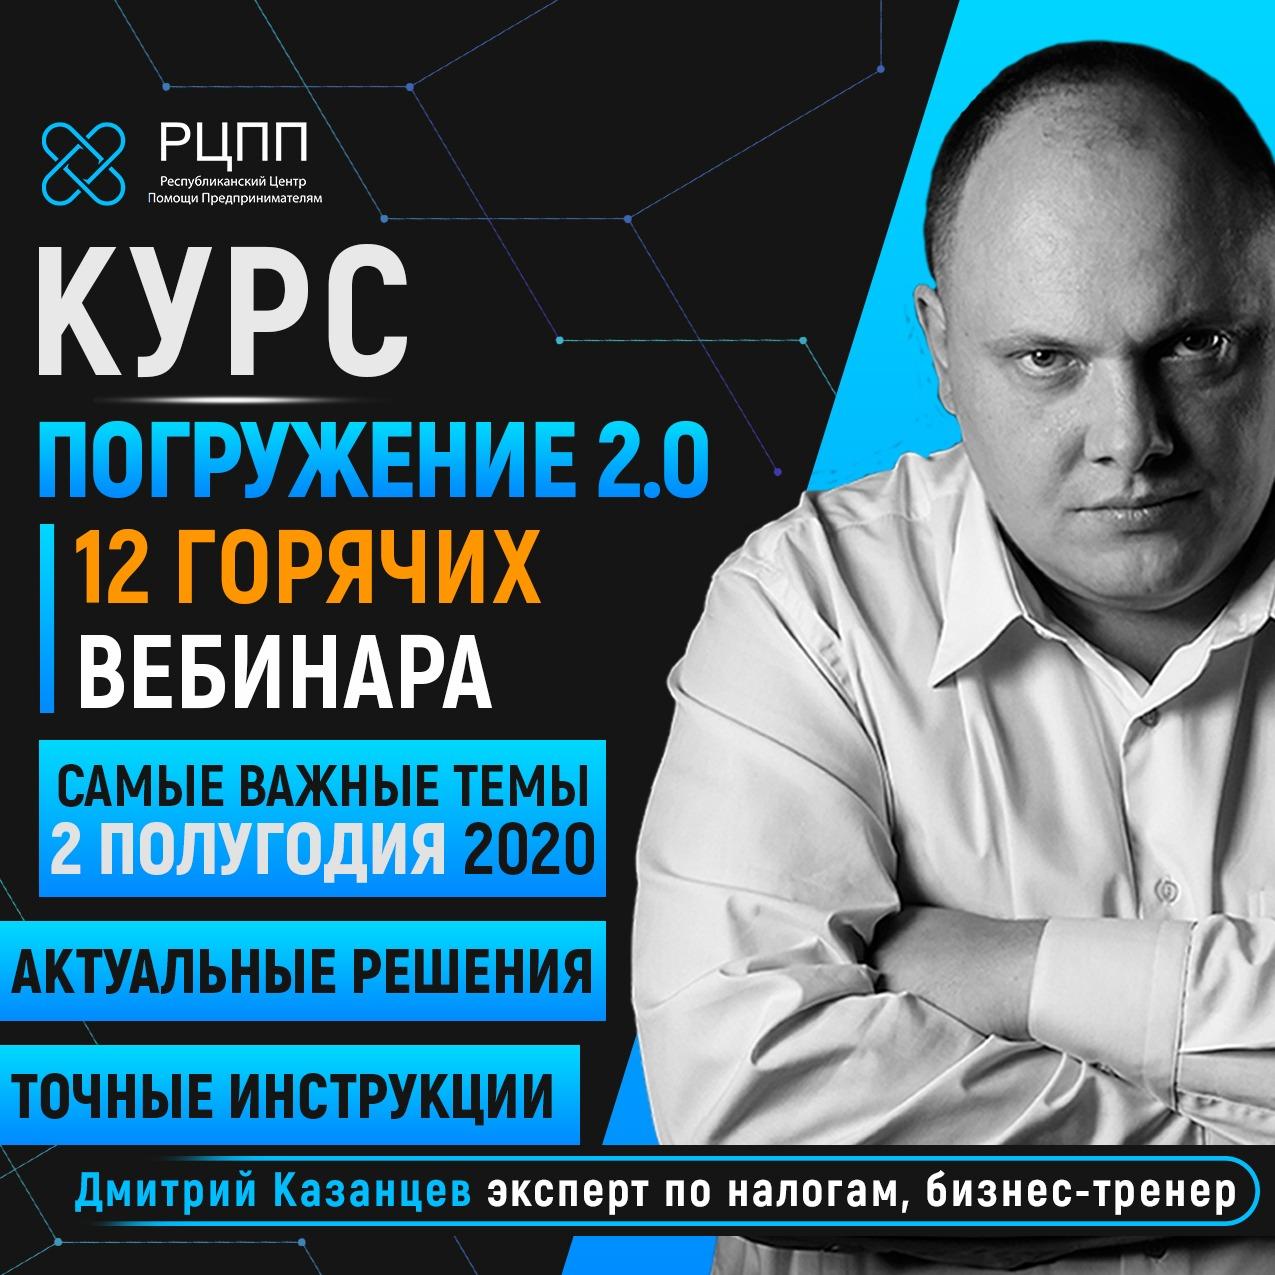 ПОГРУЖЕНИЕ 2.0 от Дмитрия Казанцева